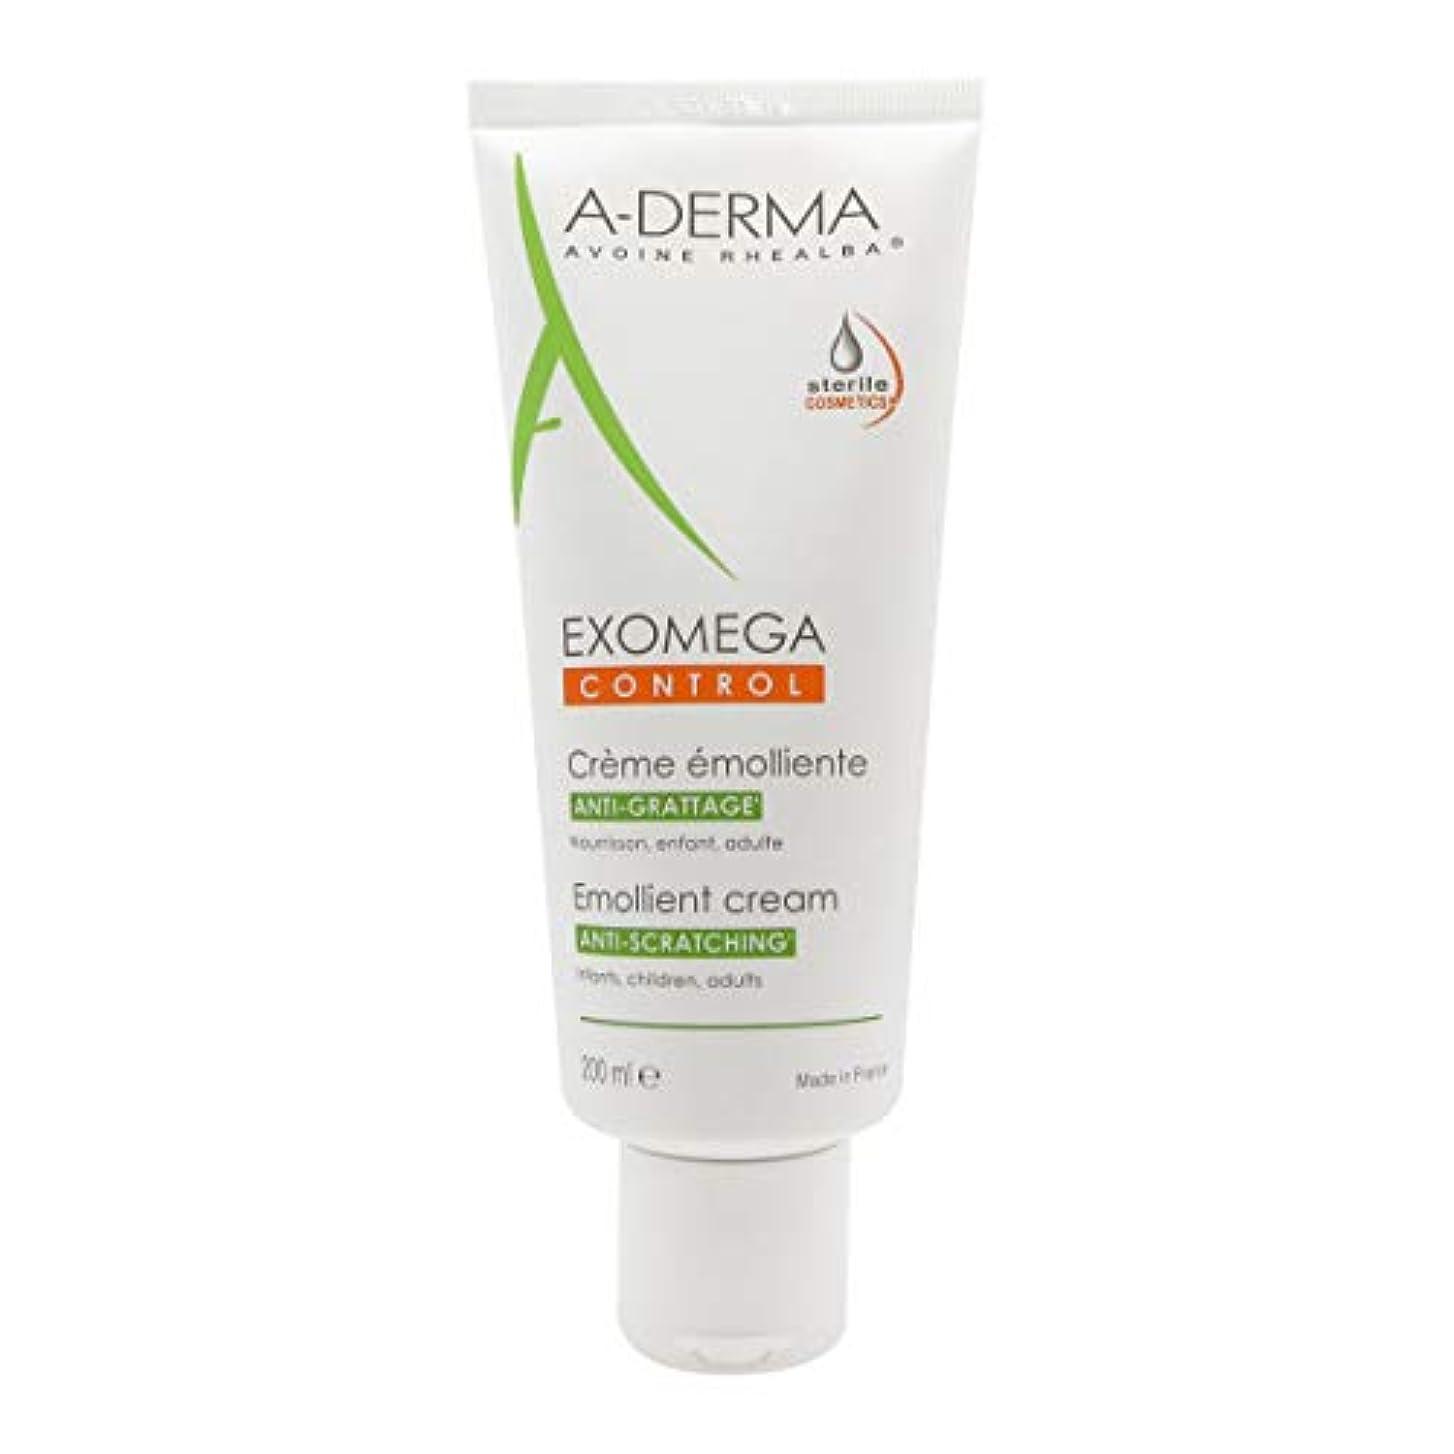 セットするピケソケットA-derma Exomega Control Emollient Cream 200ml [並行輸入品]